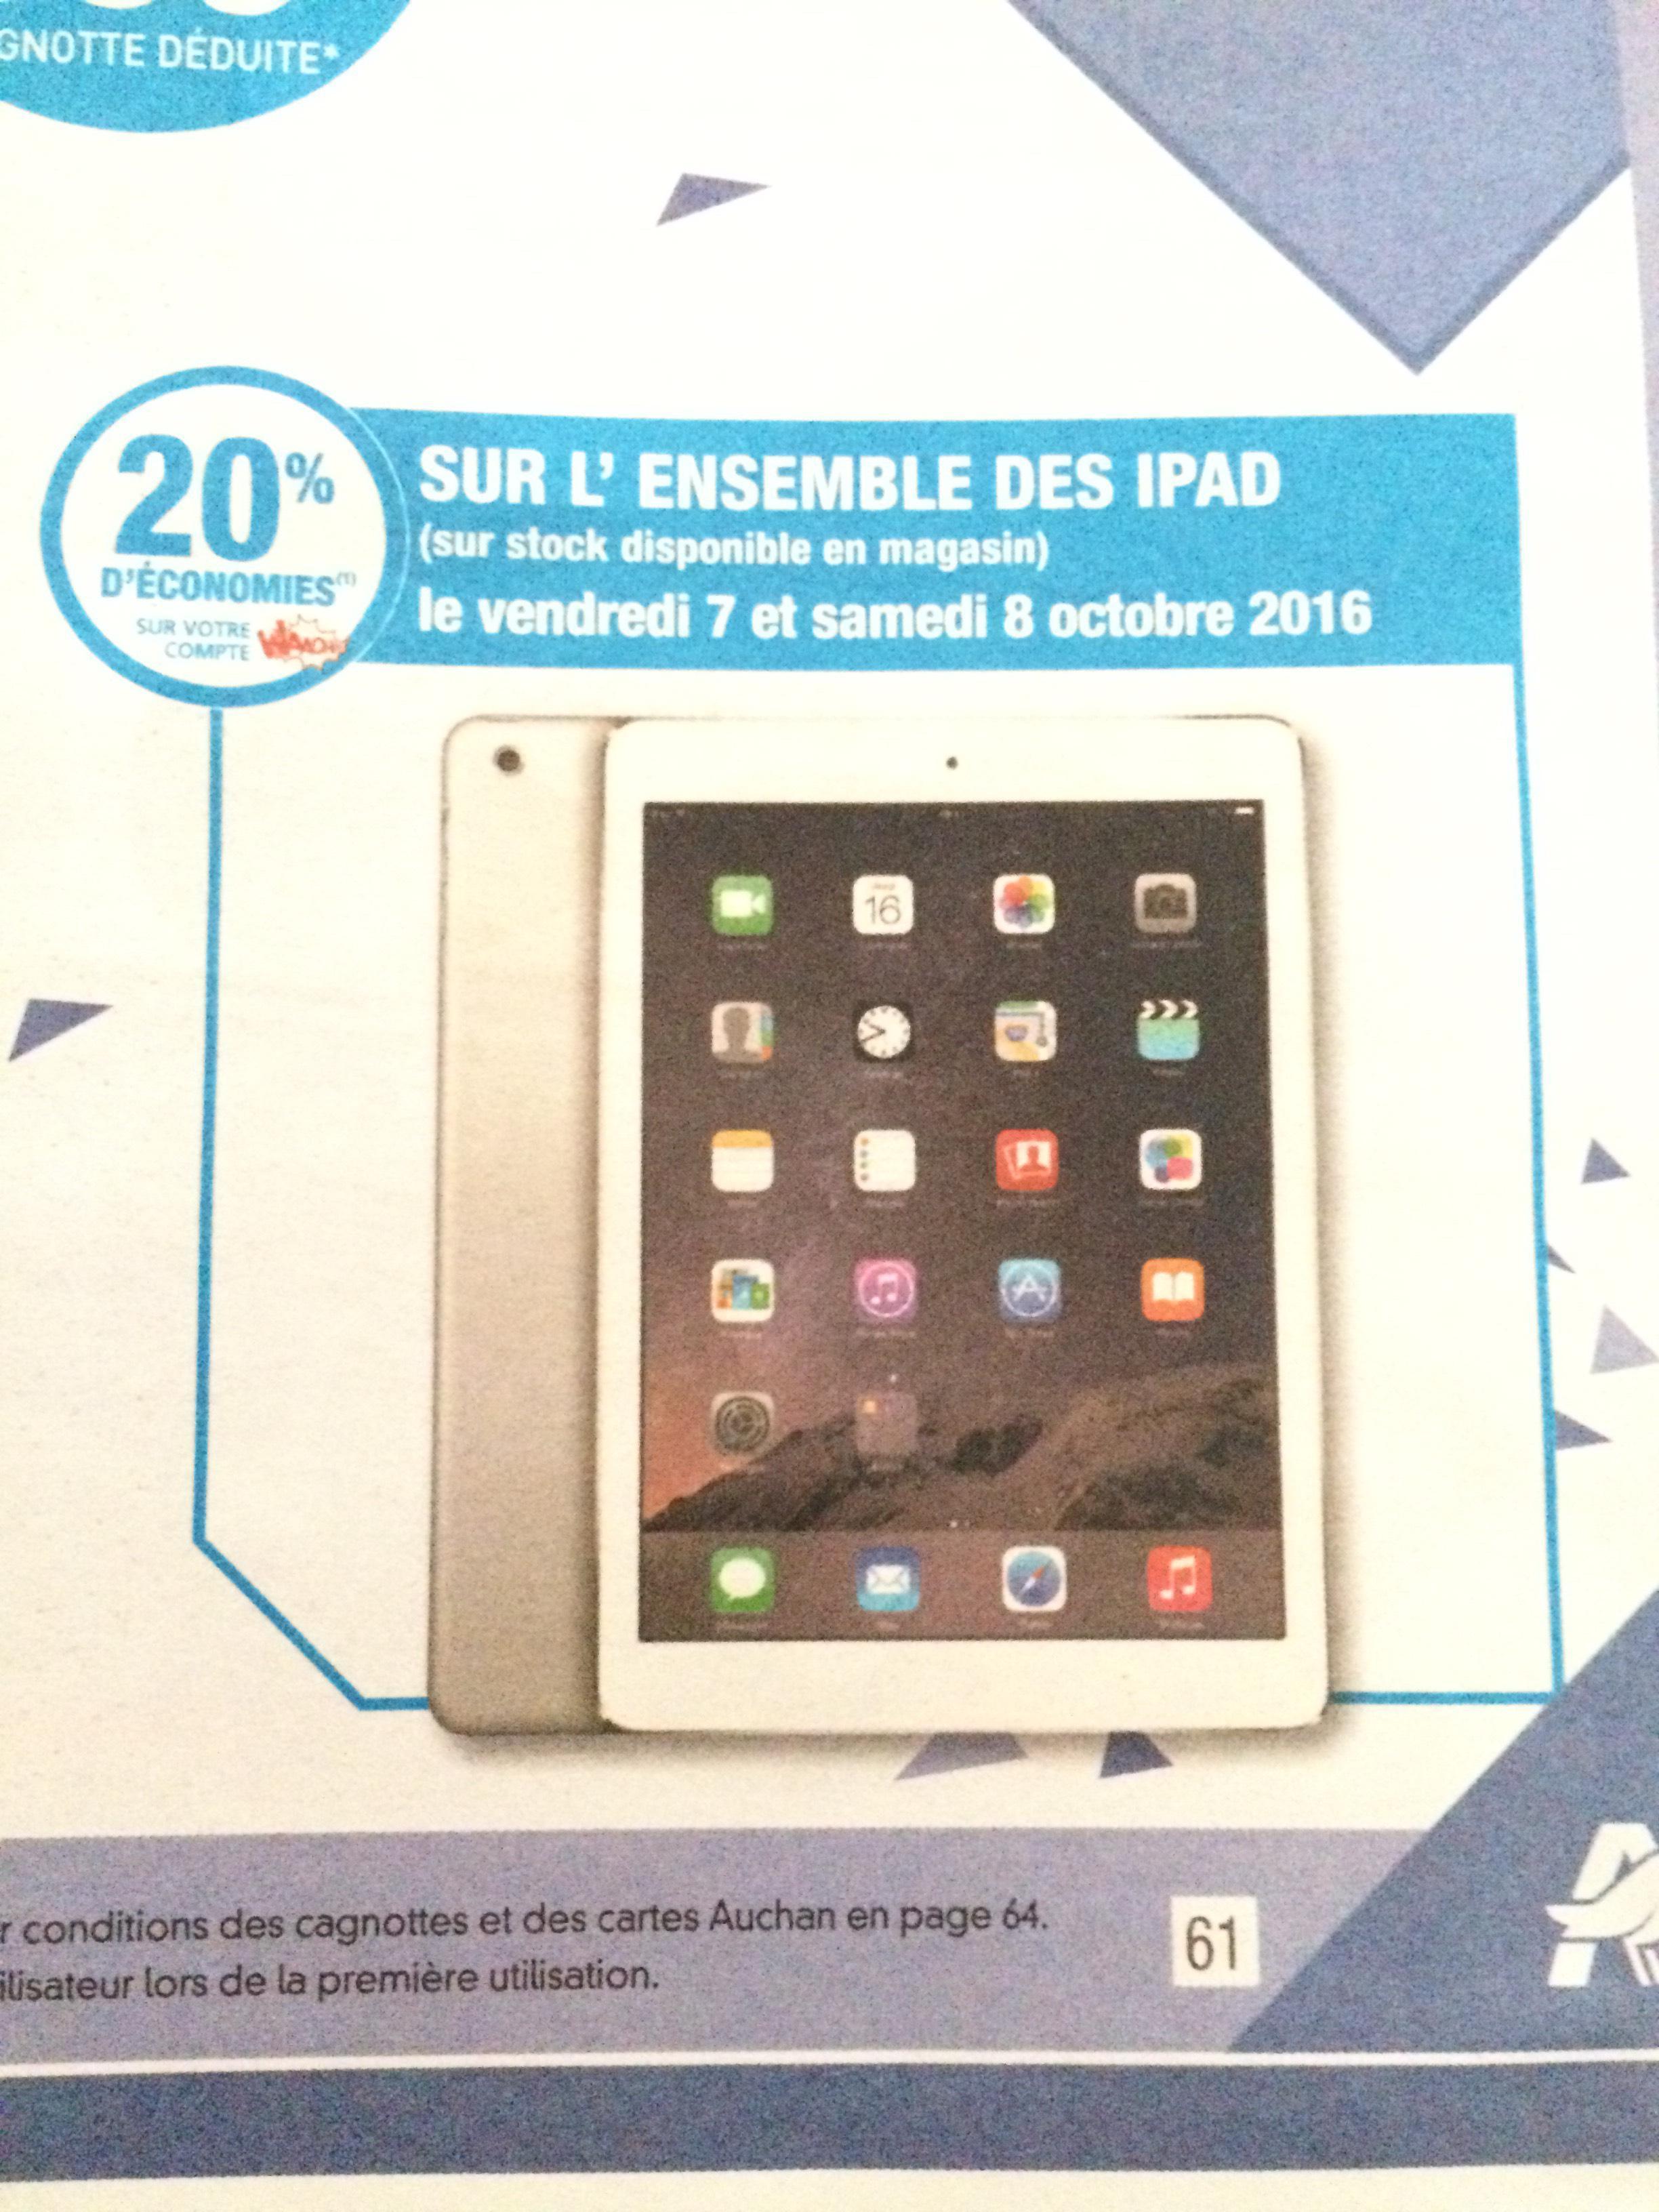 20% de remise fidélité sur tous les iPads - Ex : Tablette Apple iPad Air 2 - 16 Go (avec 79.8€ sur la carte)